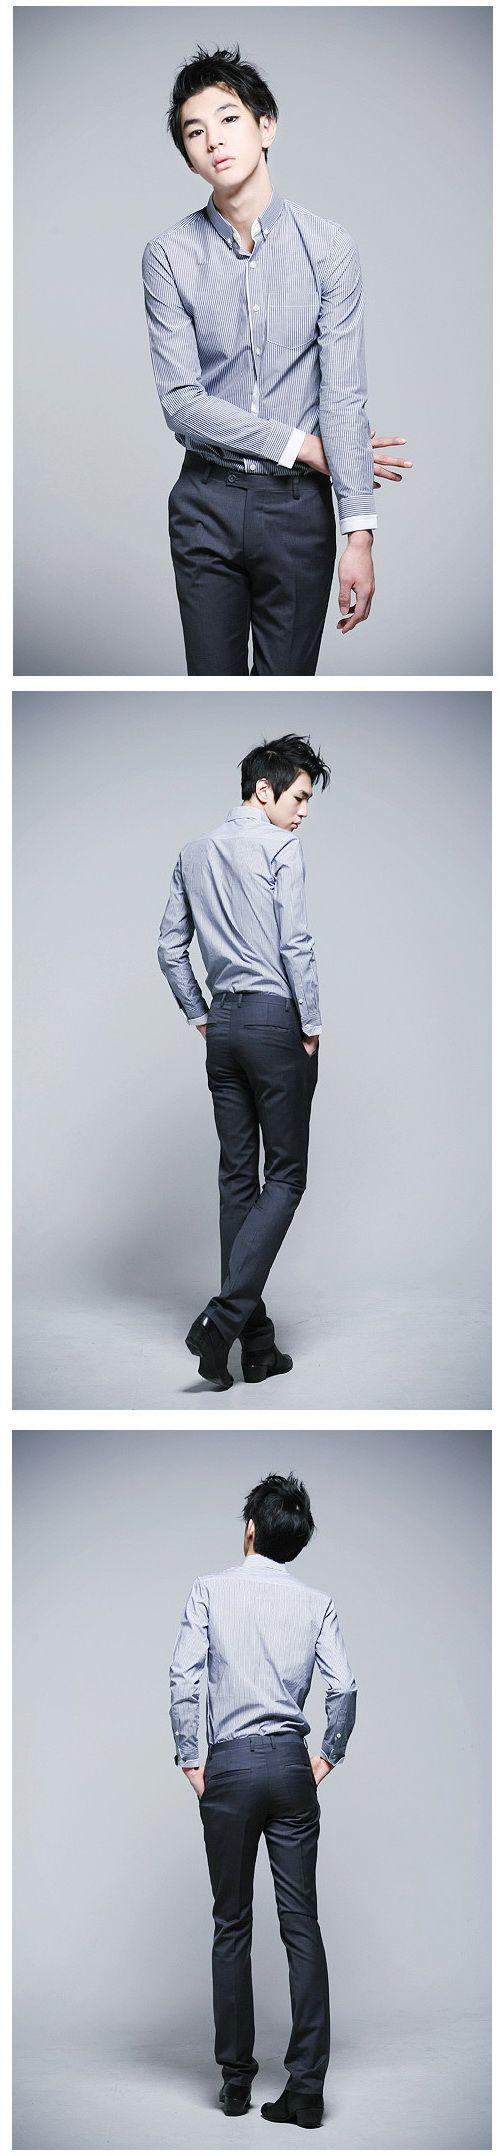 เสื้อผ้าผู้ชาย : เสื้อเชิร์ต slim ลายเส้นแต่งขลิบขาว